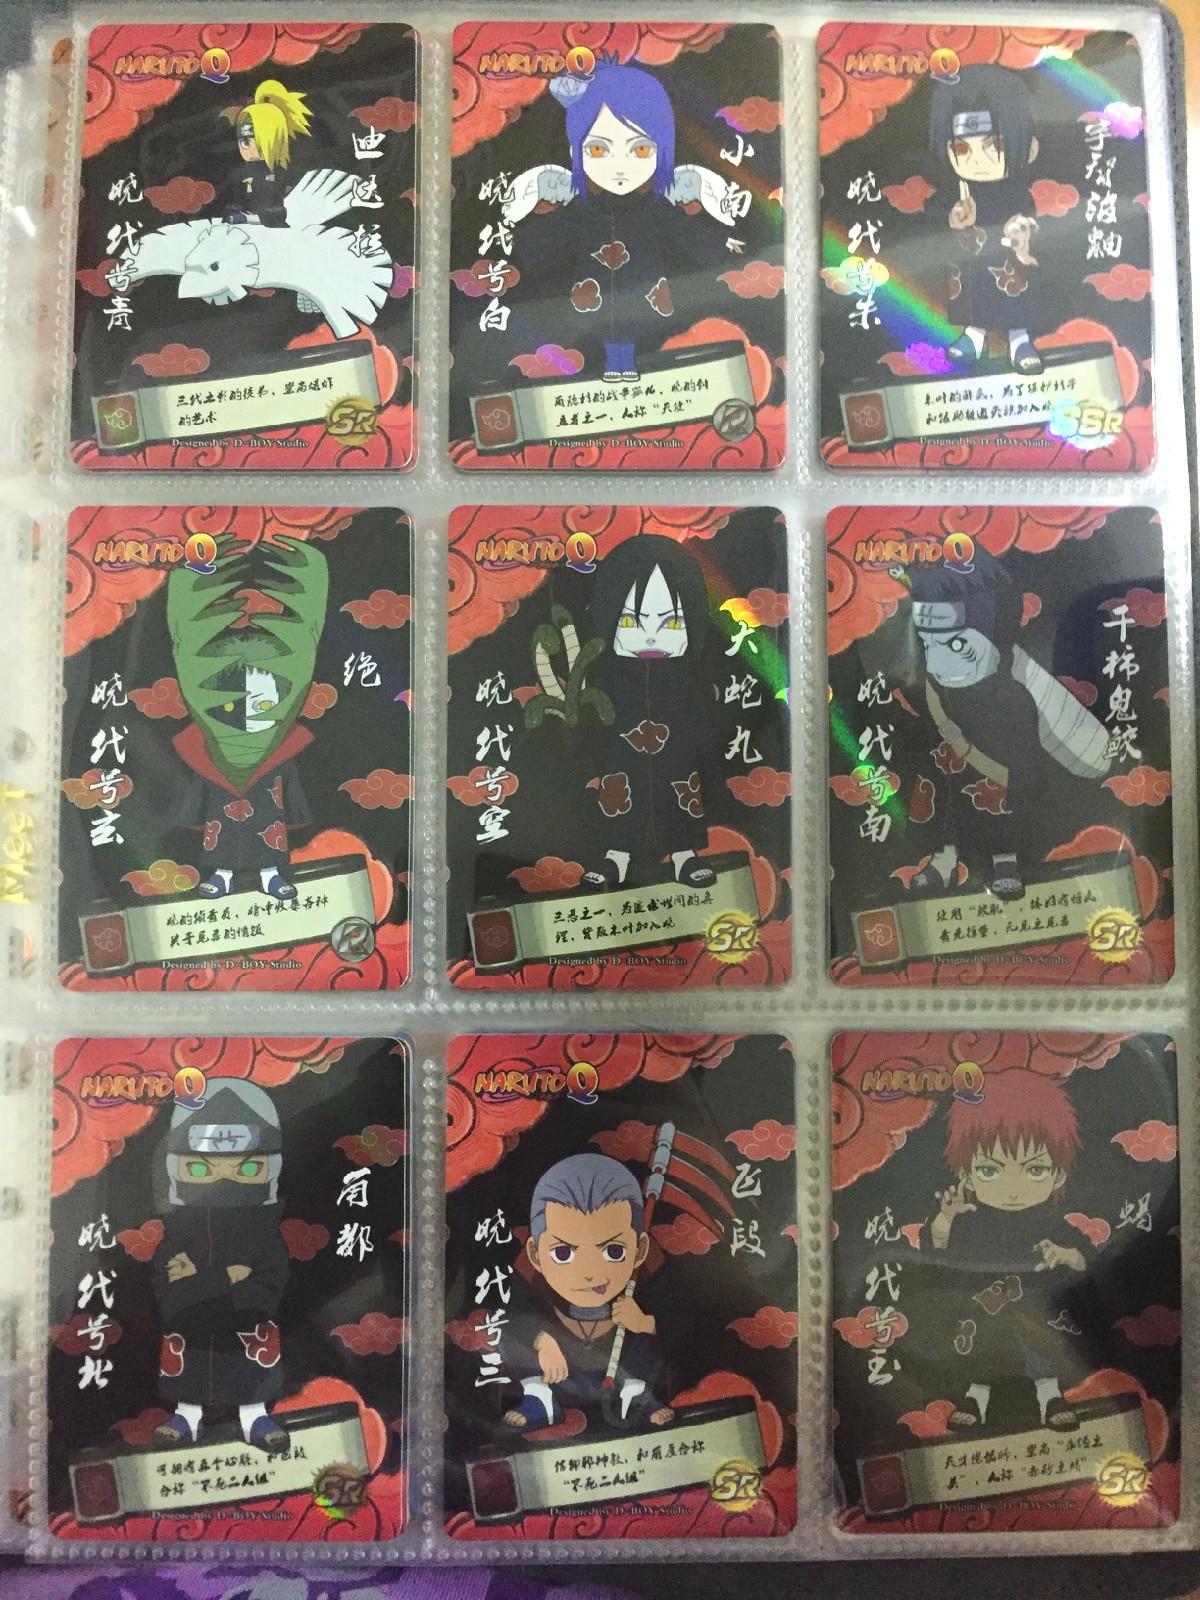 126 pièces/ensemble NARUTO jouets loisirs loisirs de Collection jeu Collection Anime cartes